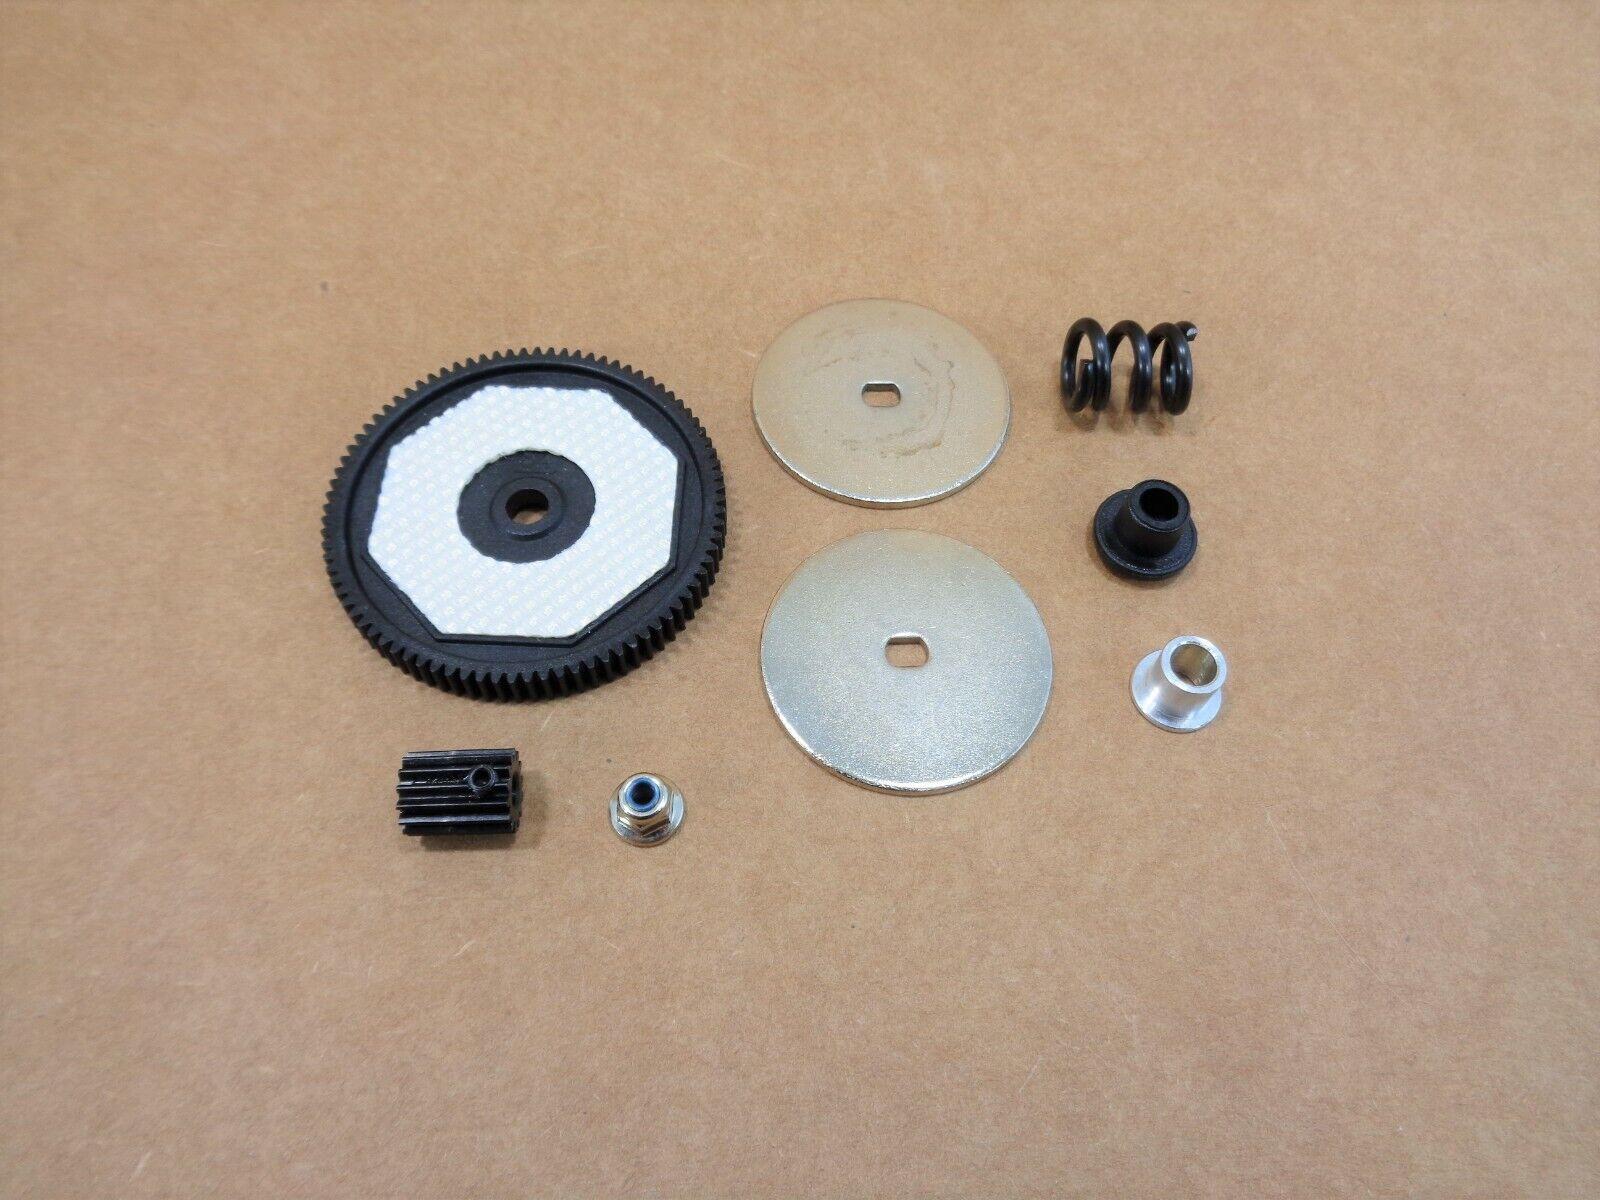 economico in alta qualità Nuovo Losi 1 1 1 10 22s 2wd SCT   ST 84t Spur Gear Slipper Clutch Set Pads Pinion  vendita scontata